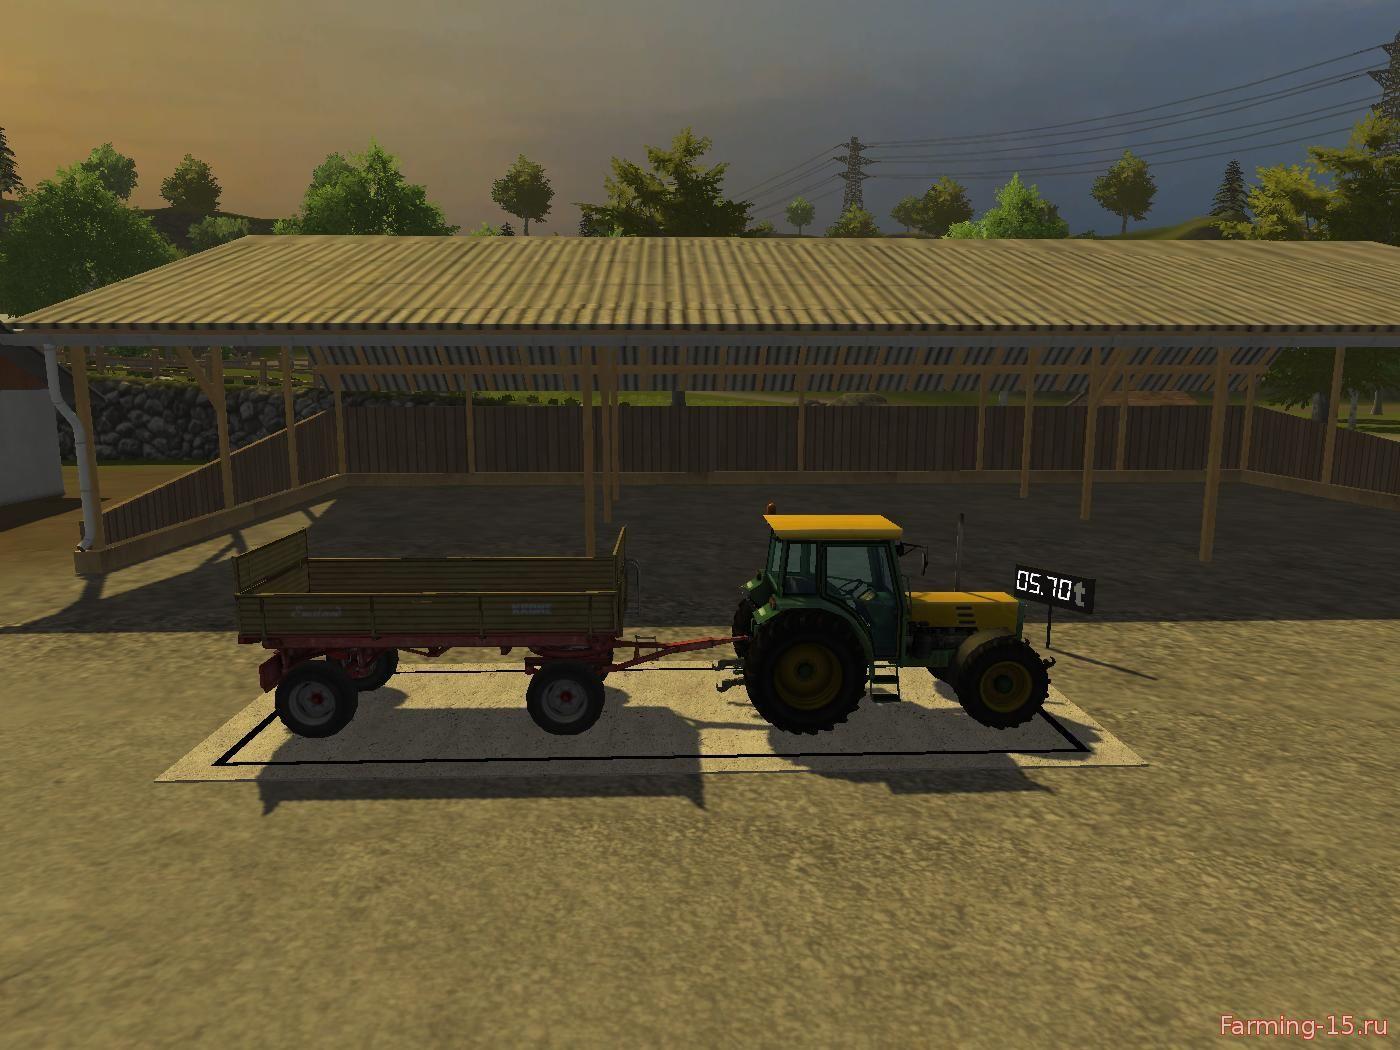 скачать моды на фермер симулятор 2015 бесплатно на технику